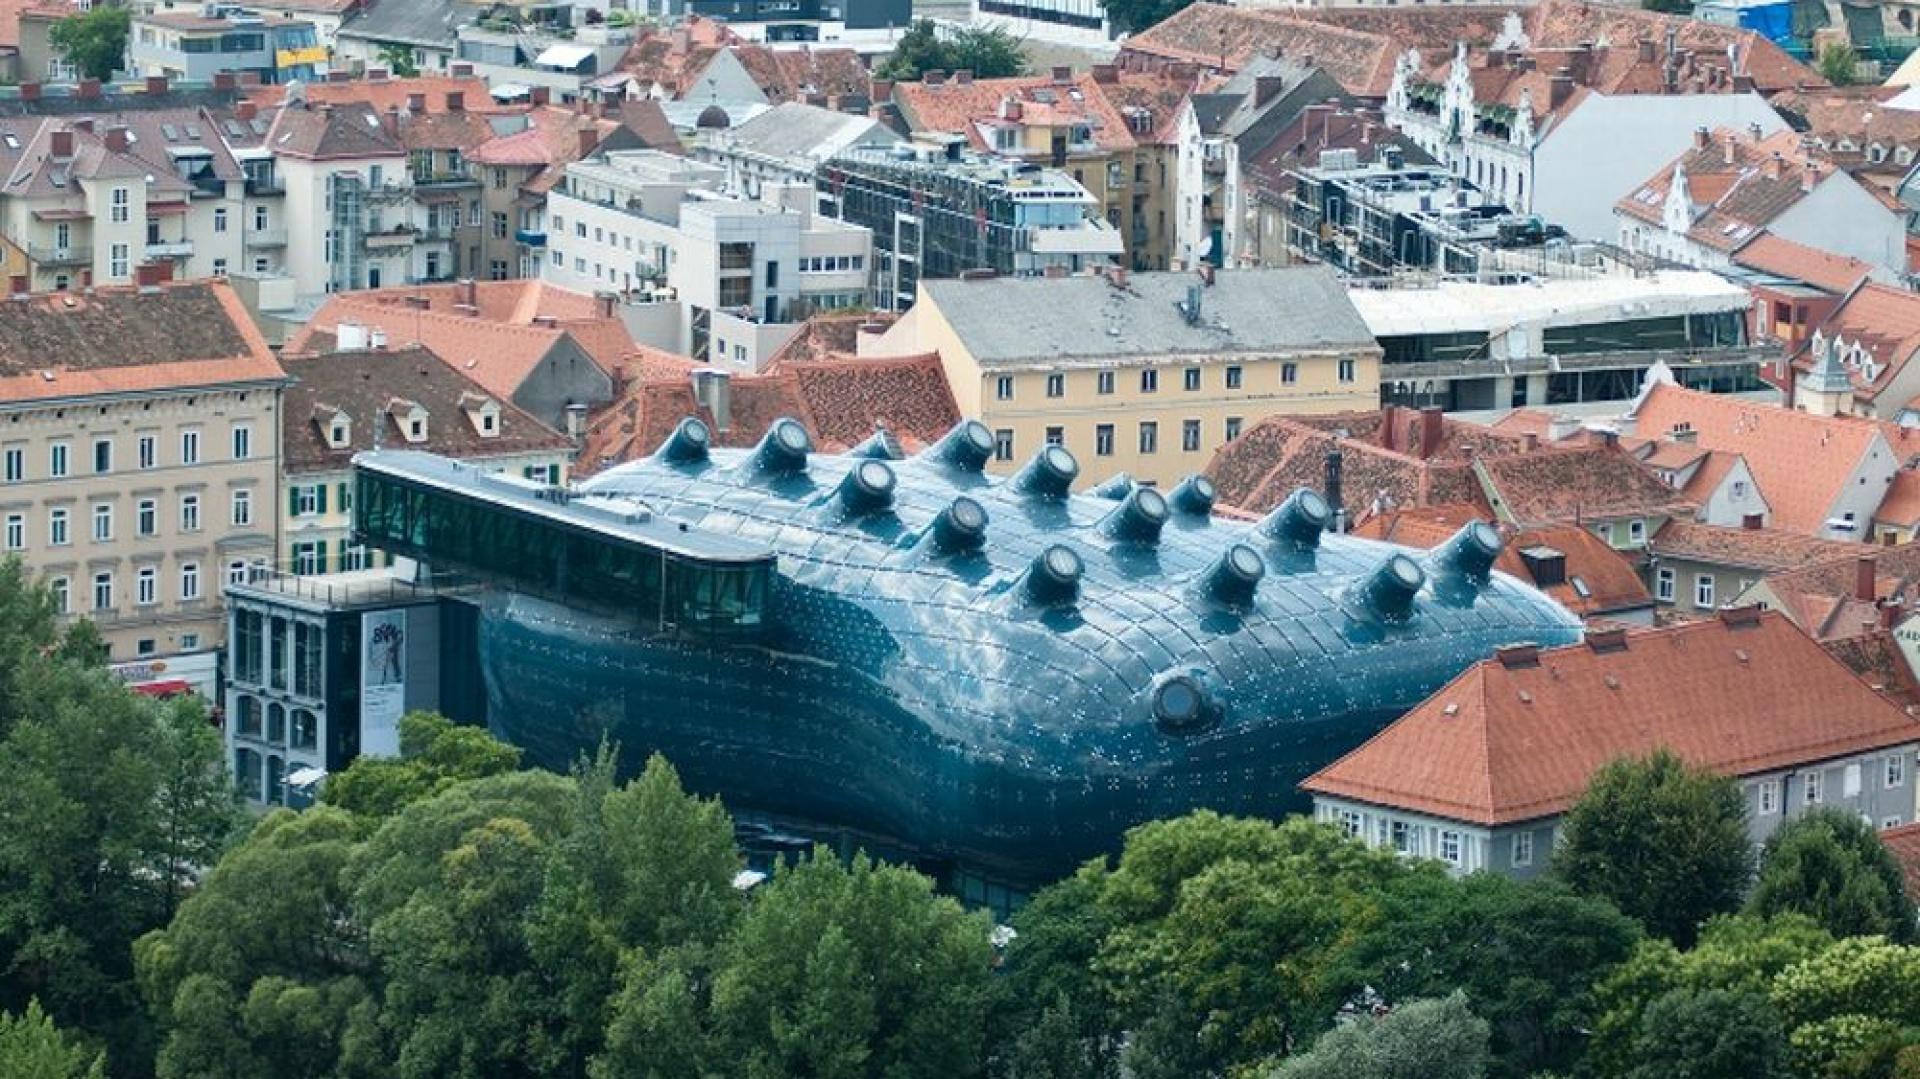 Kunsthaus Graz, czyli muzeum sztuki w Grazu, zostało zbudowane w 2003 jako element obchodów  przyznania miastu tytułu Europejskiej Stolicy Kultury. Fot. Roberto